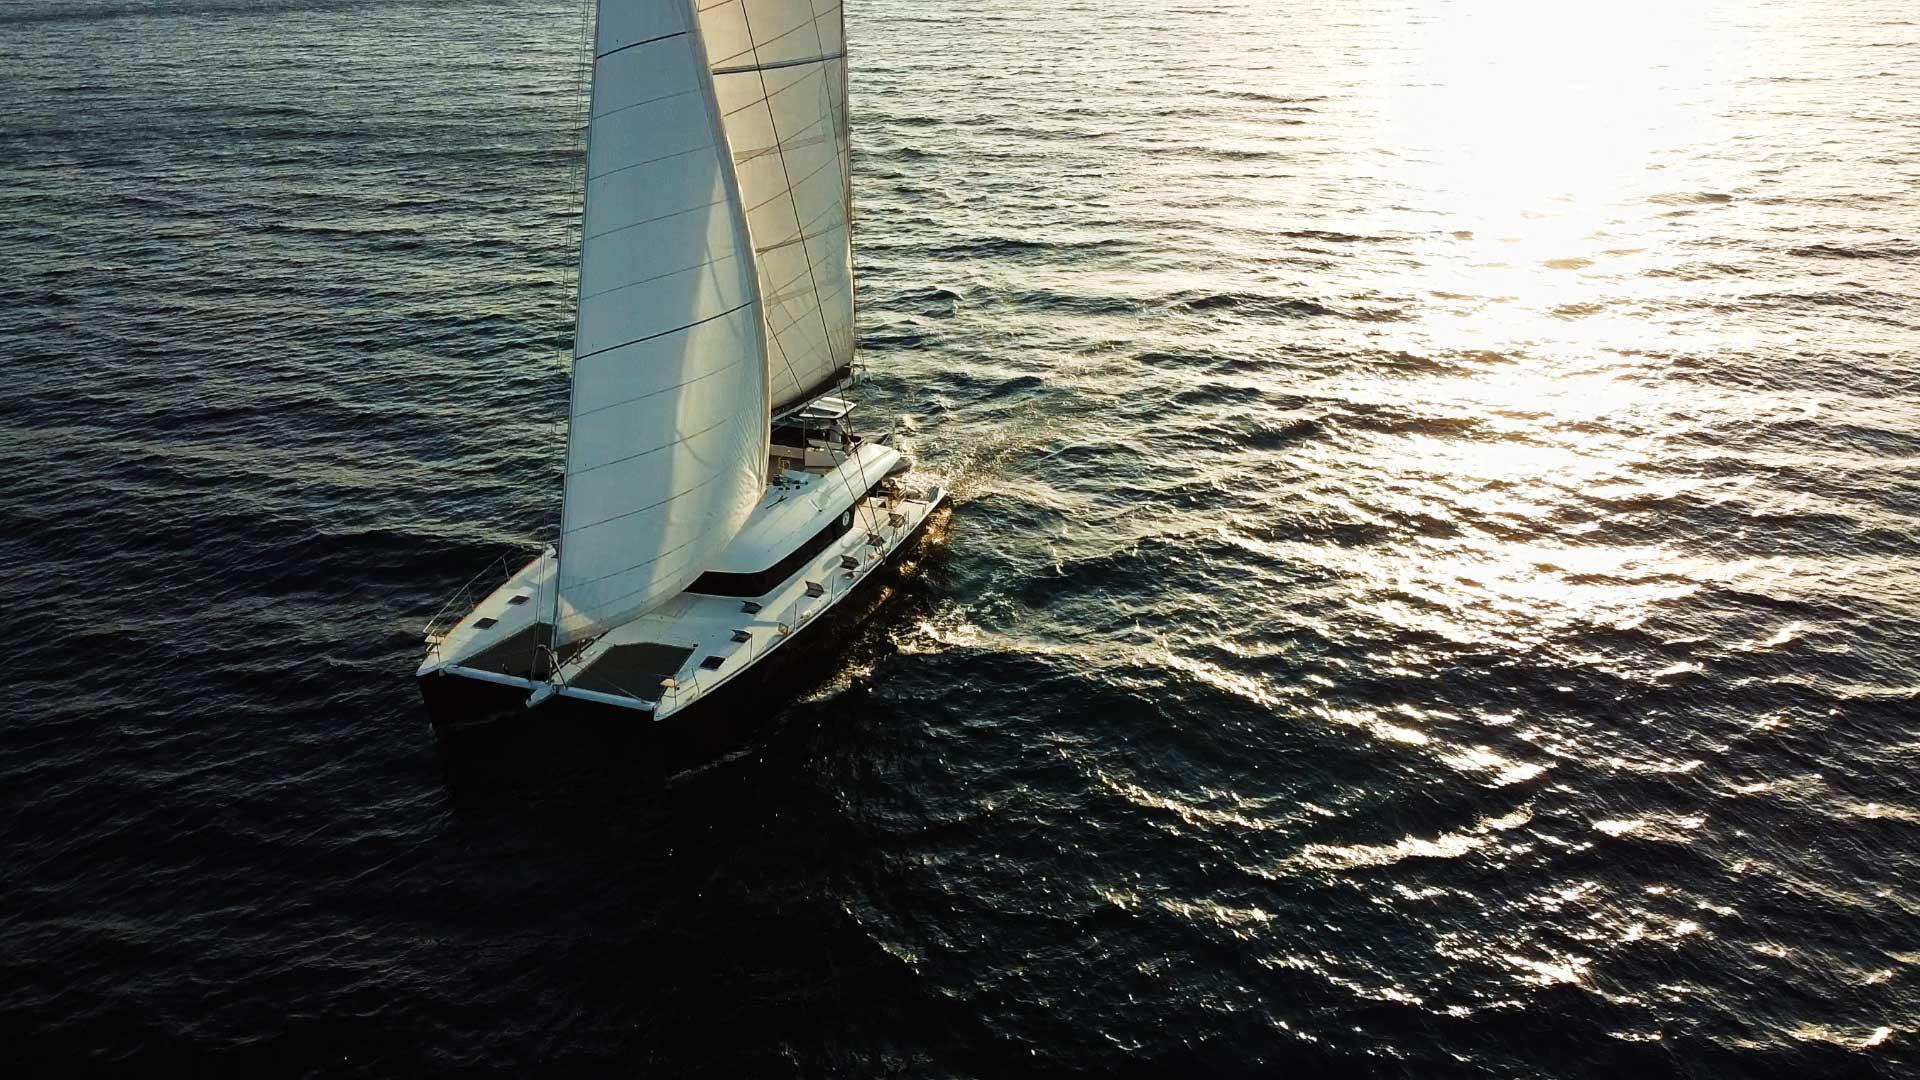 kaskazi four catamarano a vela